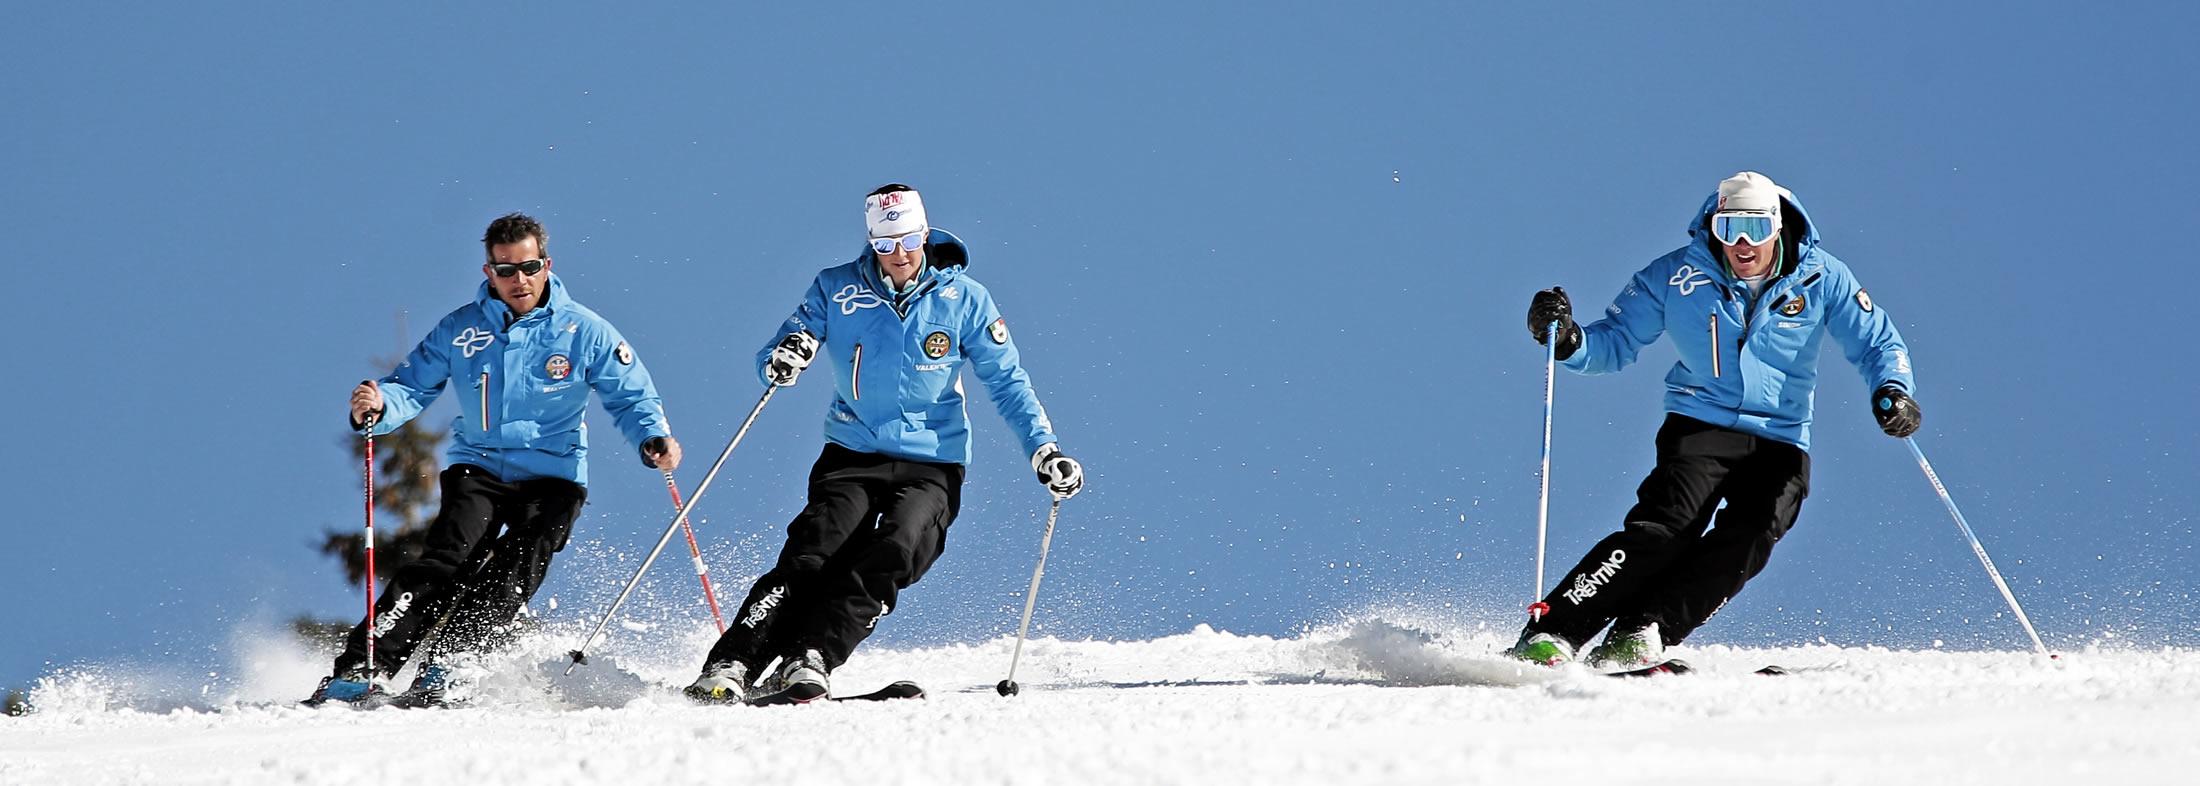 Gruppo di sciatori che scendono la montagna innevata con gli sci